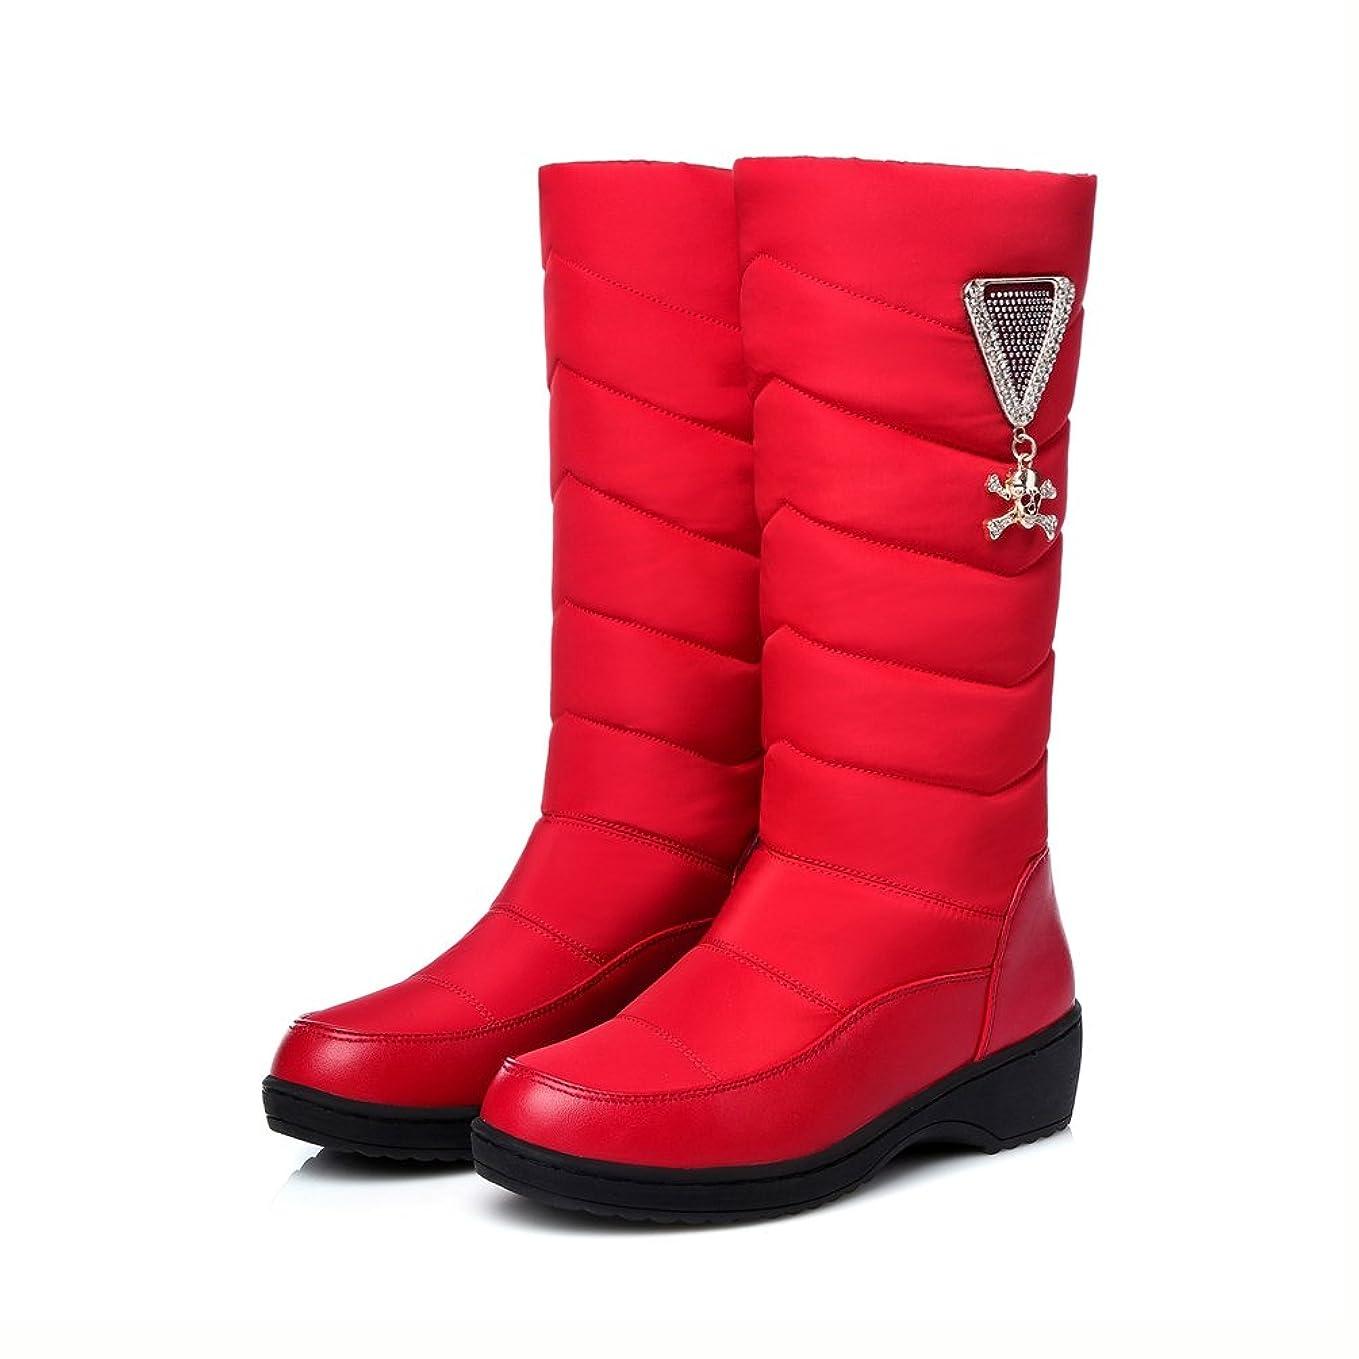 実際にマーキー徒歩で[サニーサニー] スノーブーツ レディース ロングブーツ 大きいサイズ 厚底 ボア付き 中綿入り 防寒 ビジュー 雪靴 メタリック 美脚 防滑 冬用ブーツ 綿靴 歩きやすい 可愛い 柔らかい 厚手 ウィンターブーツ 黒 ブルー レッド